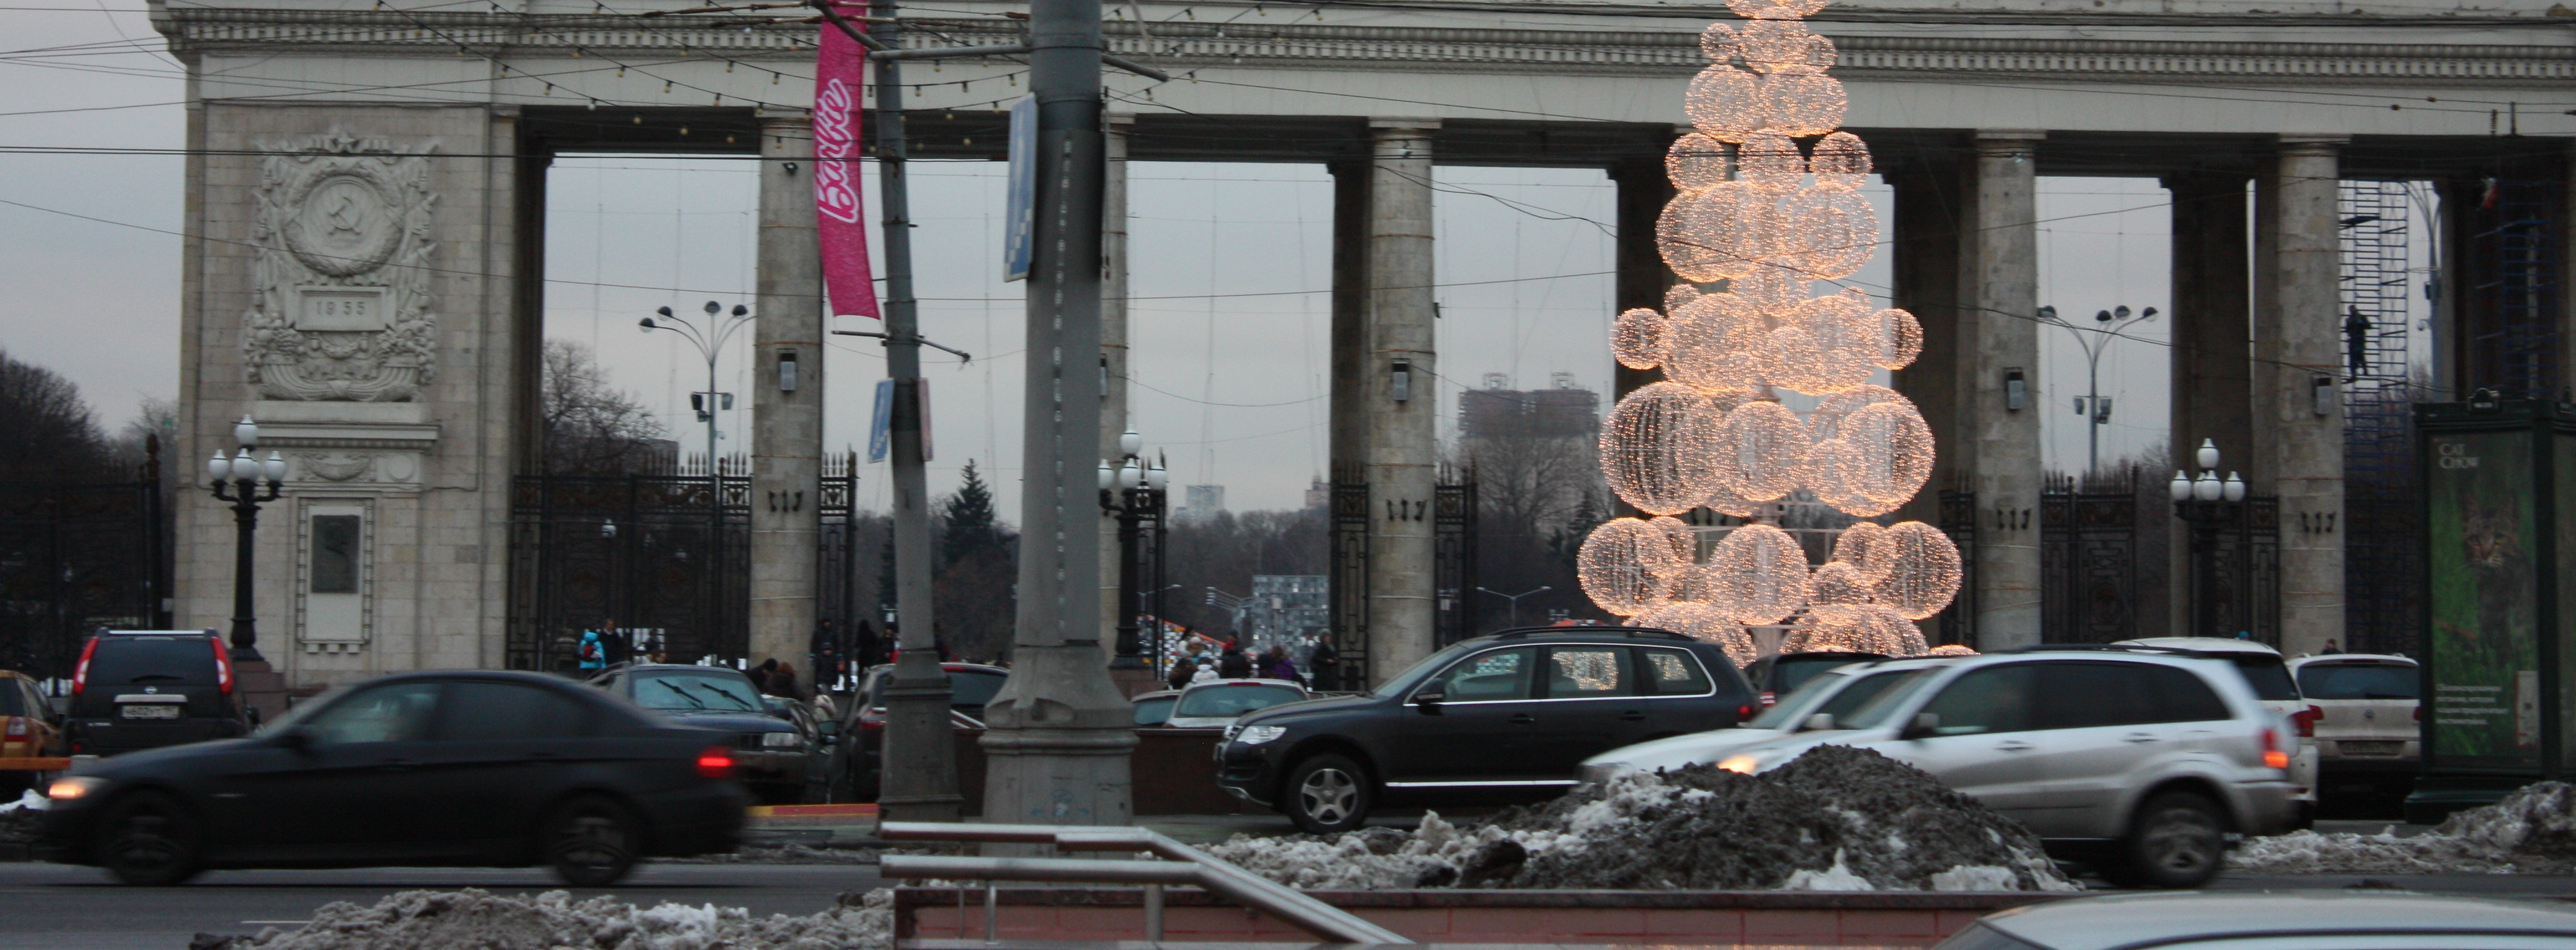 Trotz Krise weitere Investitionen in den russischen Automarkt